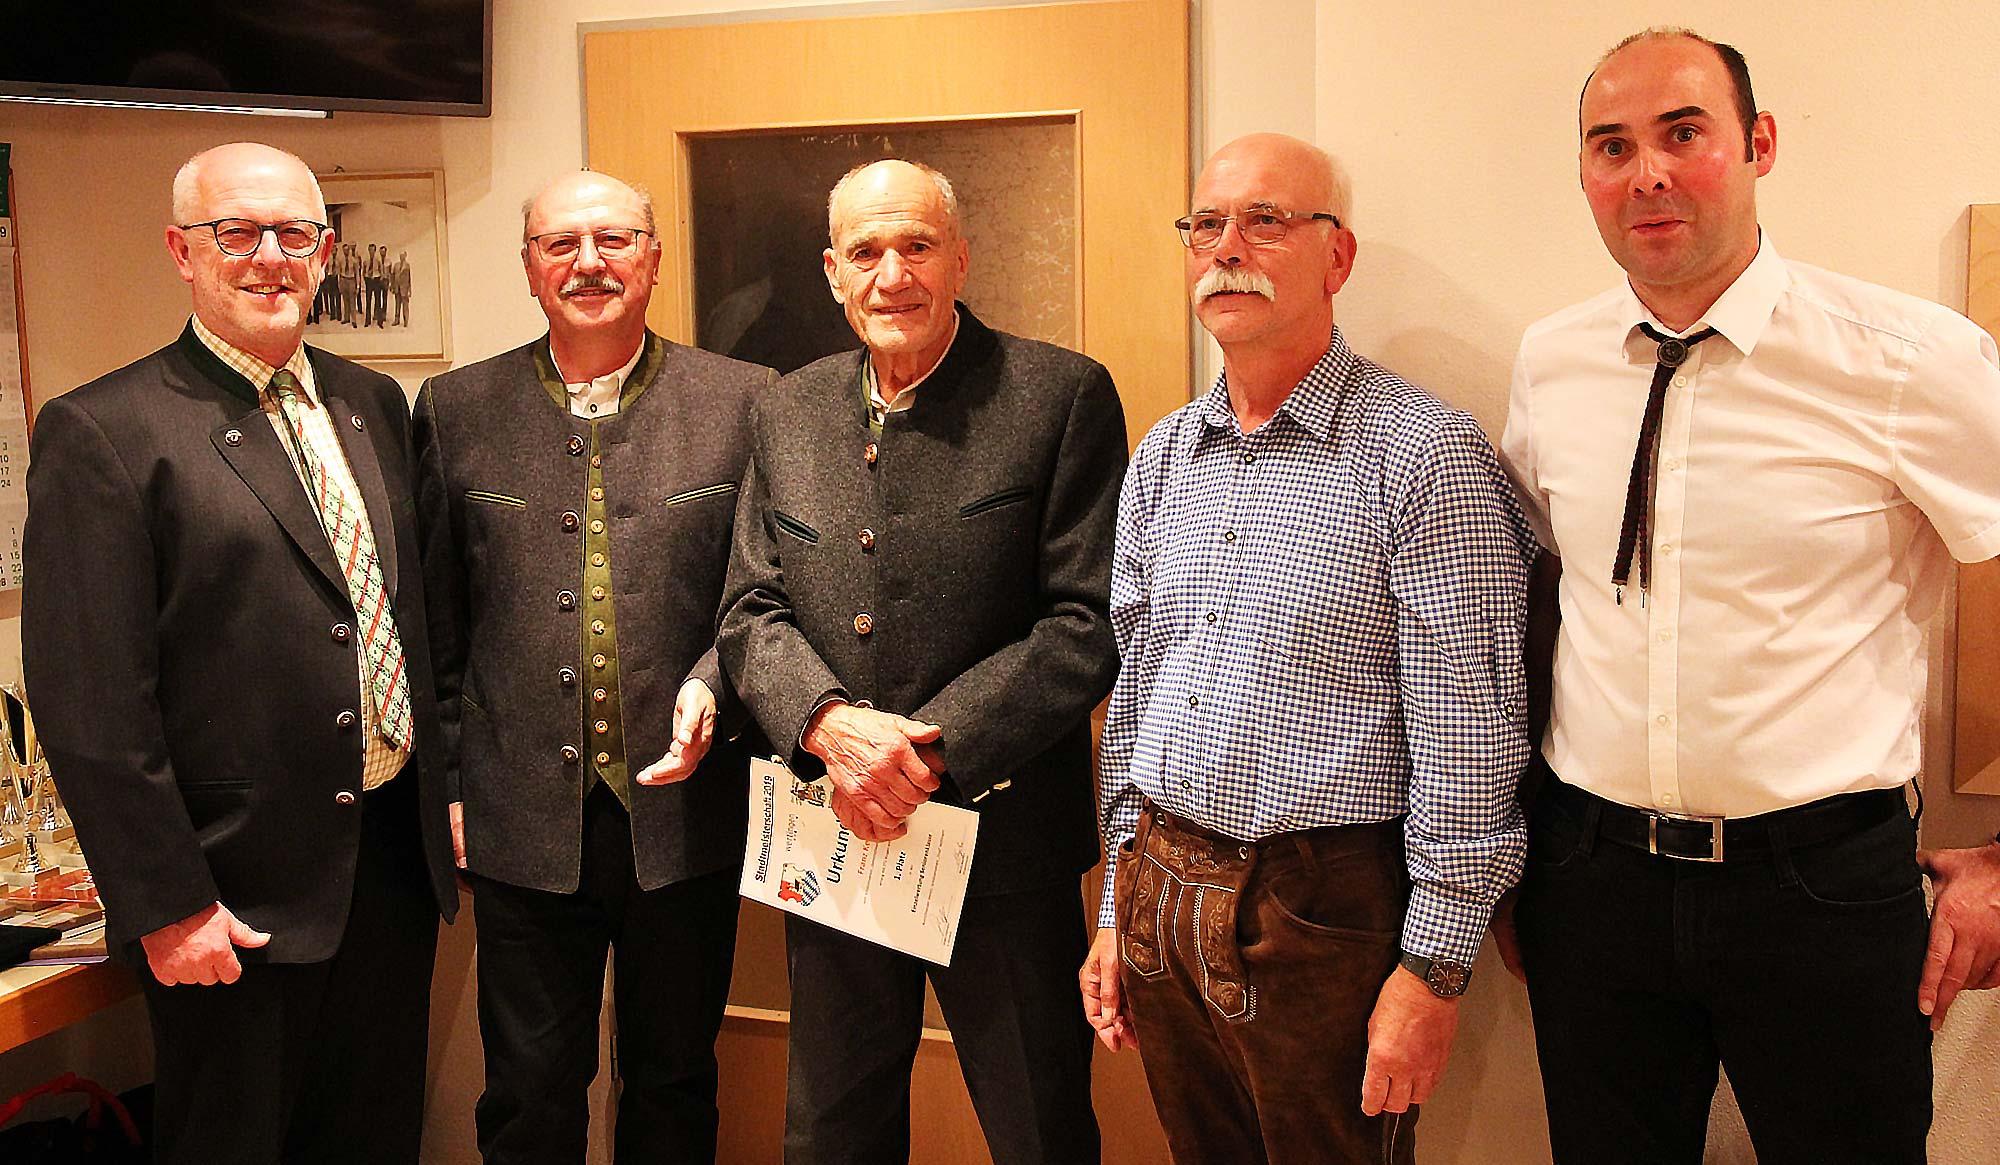 Stadtmeisterschaft 2019, Siegerehrung Luftgewehr Senioren, Stadtmeister Franz Keiß